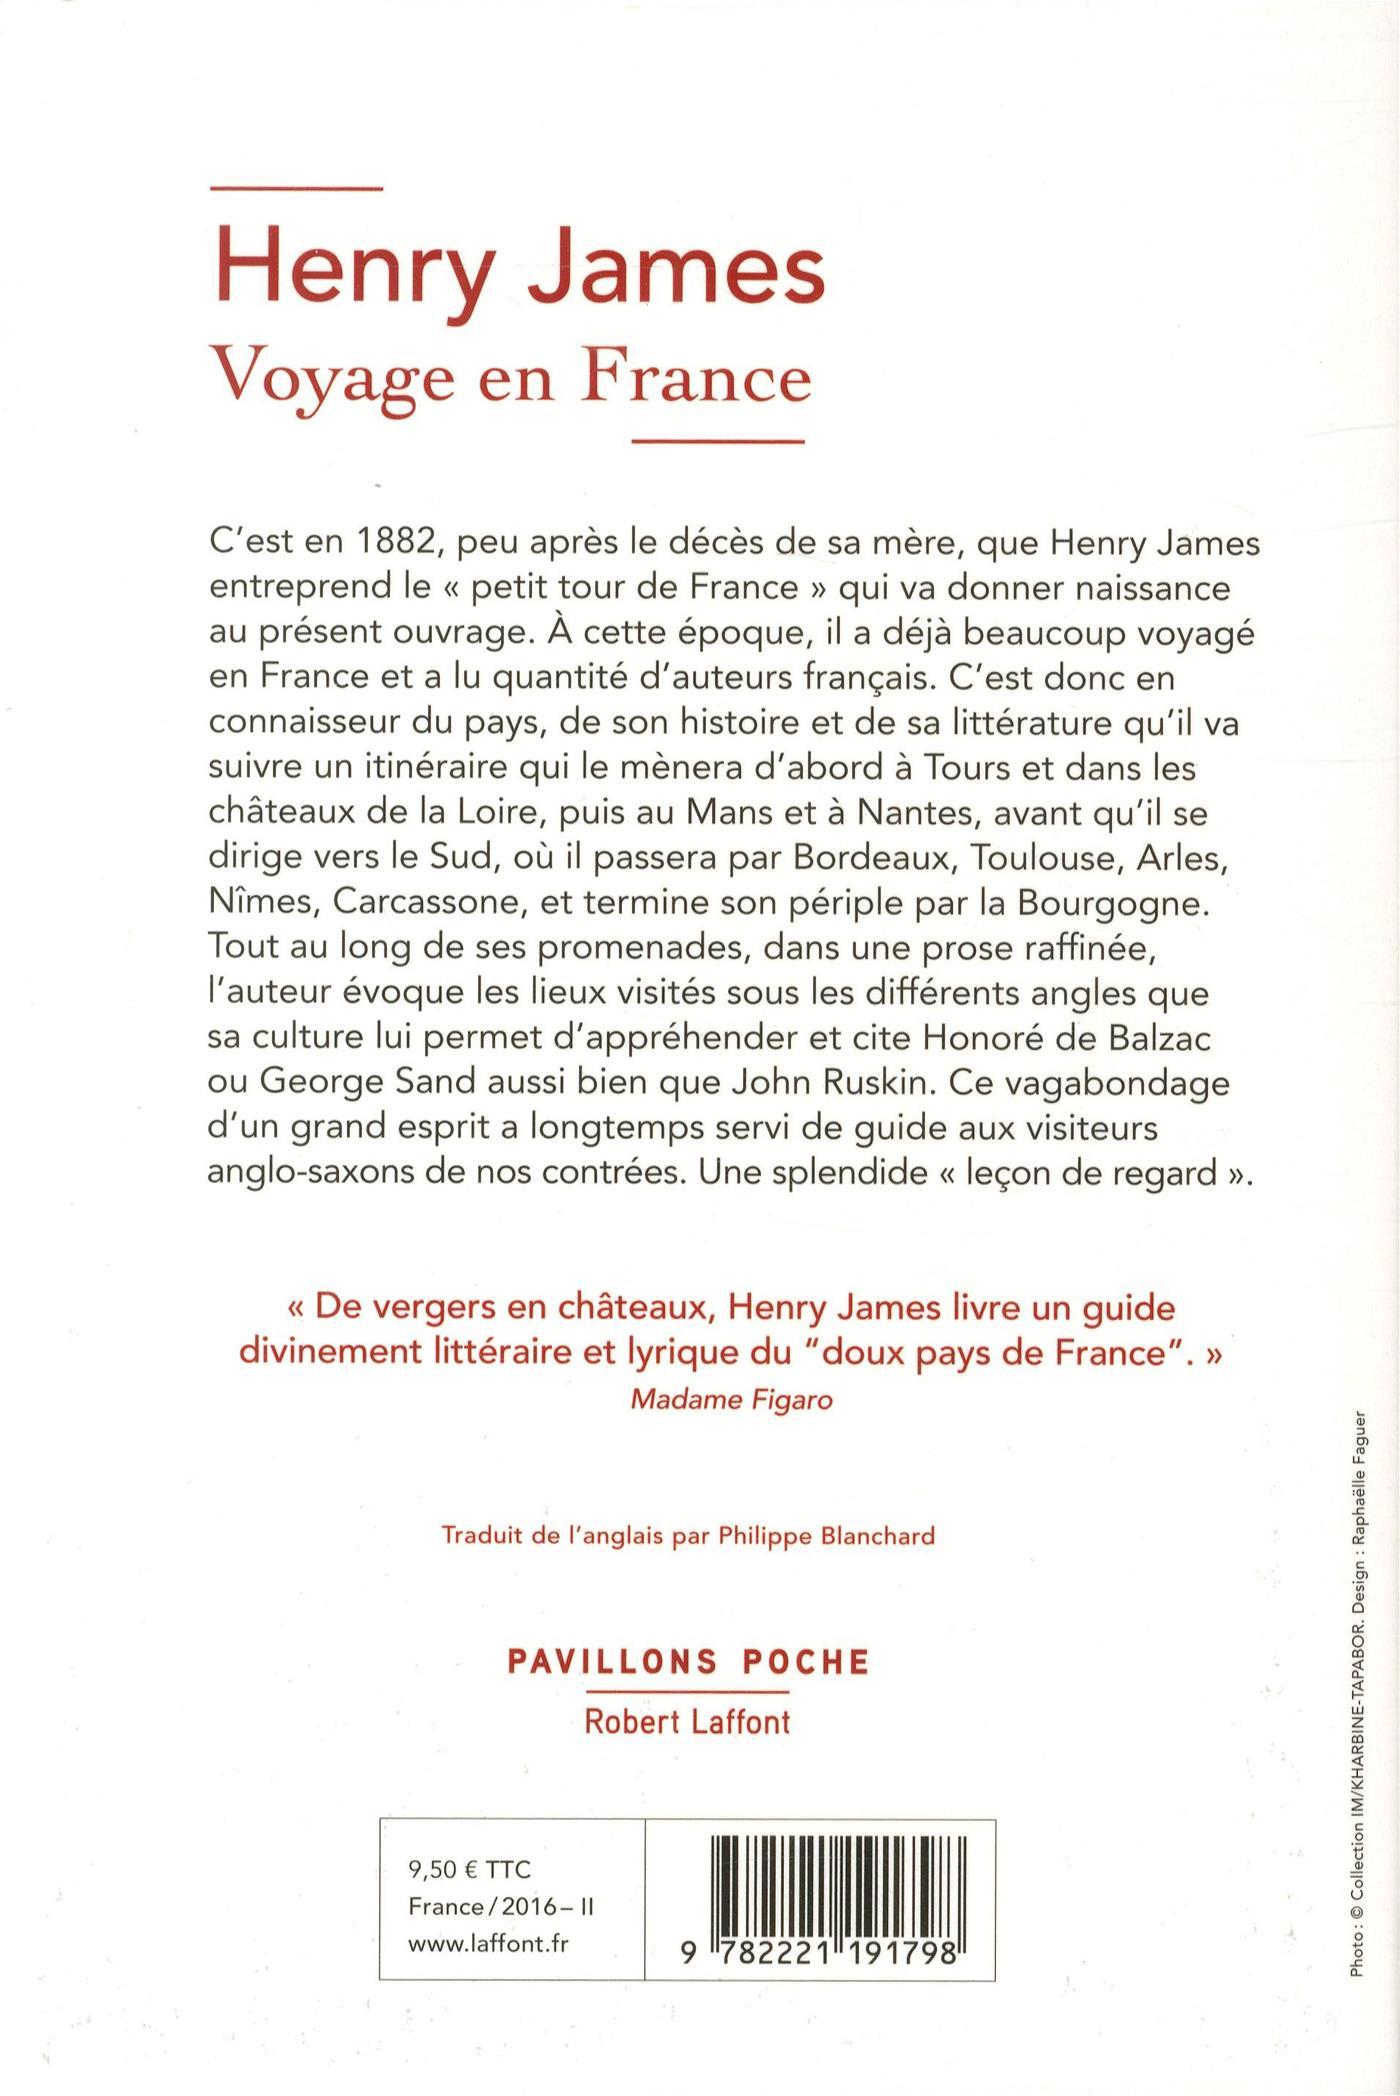 Nous sommes au regret de... (Pavillons poche) (French Edition)